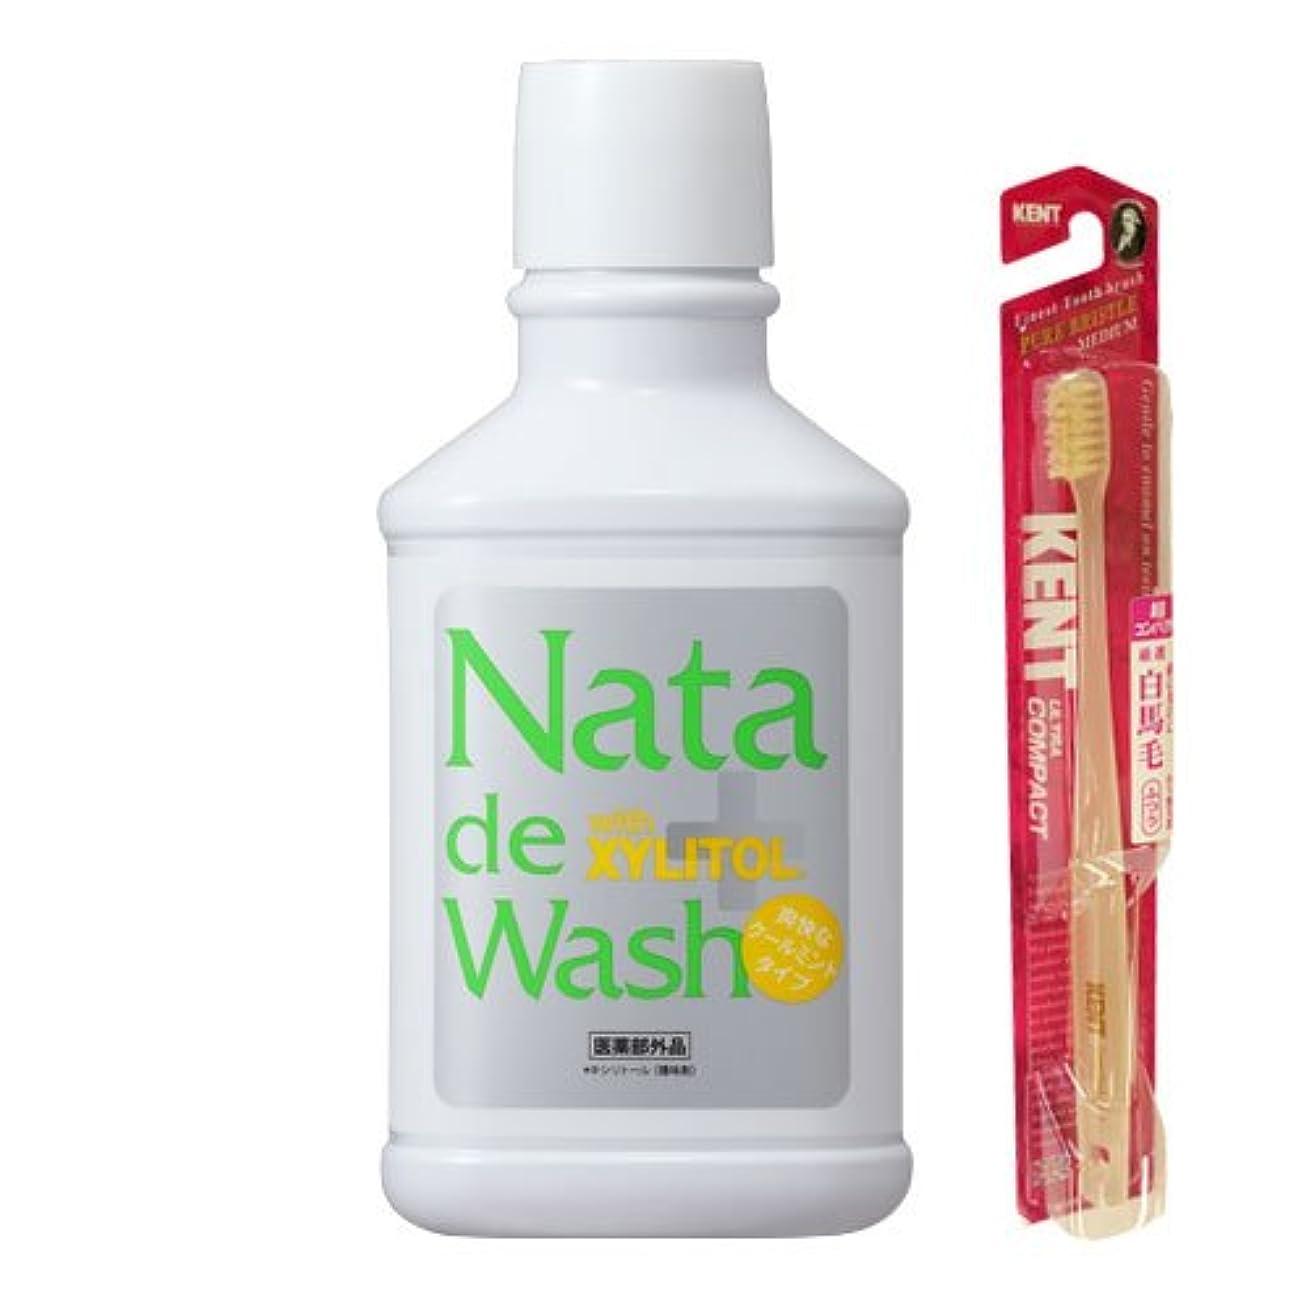 家事湿気の多い黙認する薬用ナタデウォッシュ 爽快なクールミントタイプ 500ml 1本& KENT歯ブラシ1本プレゼント